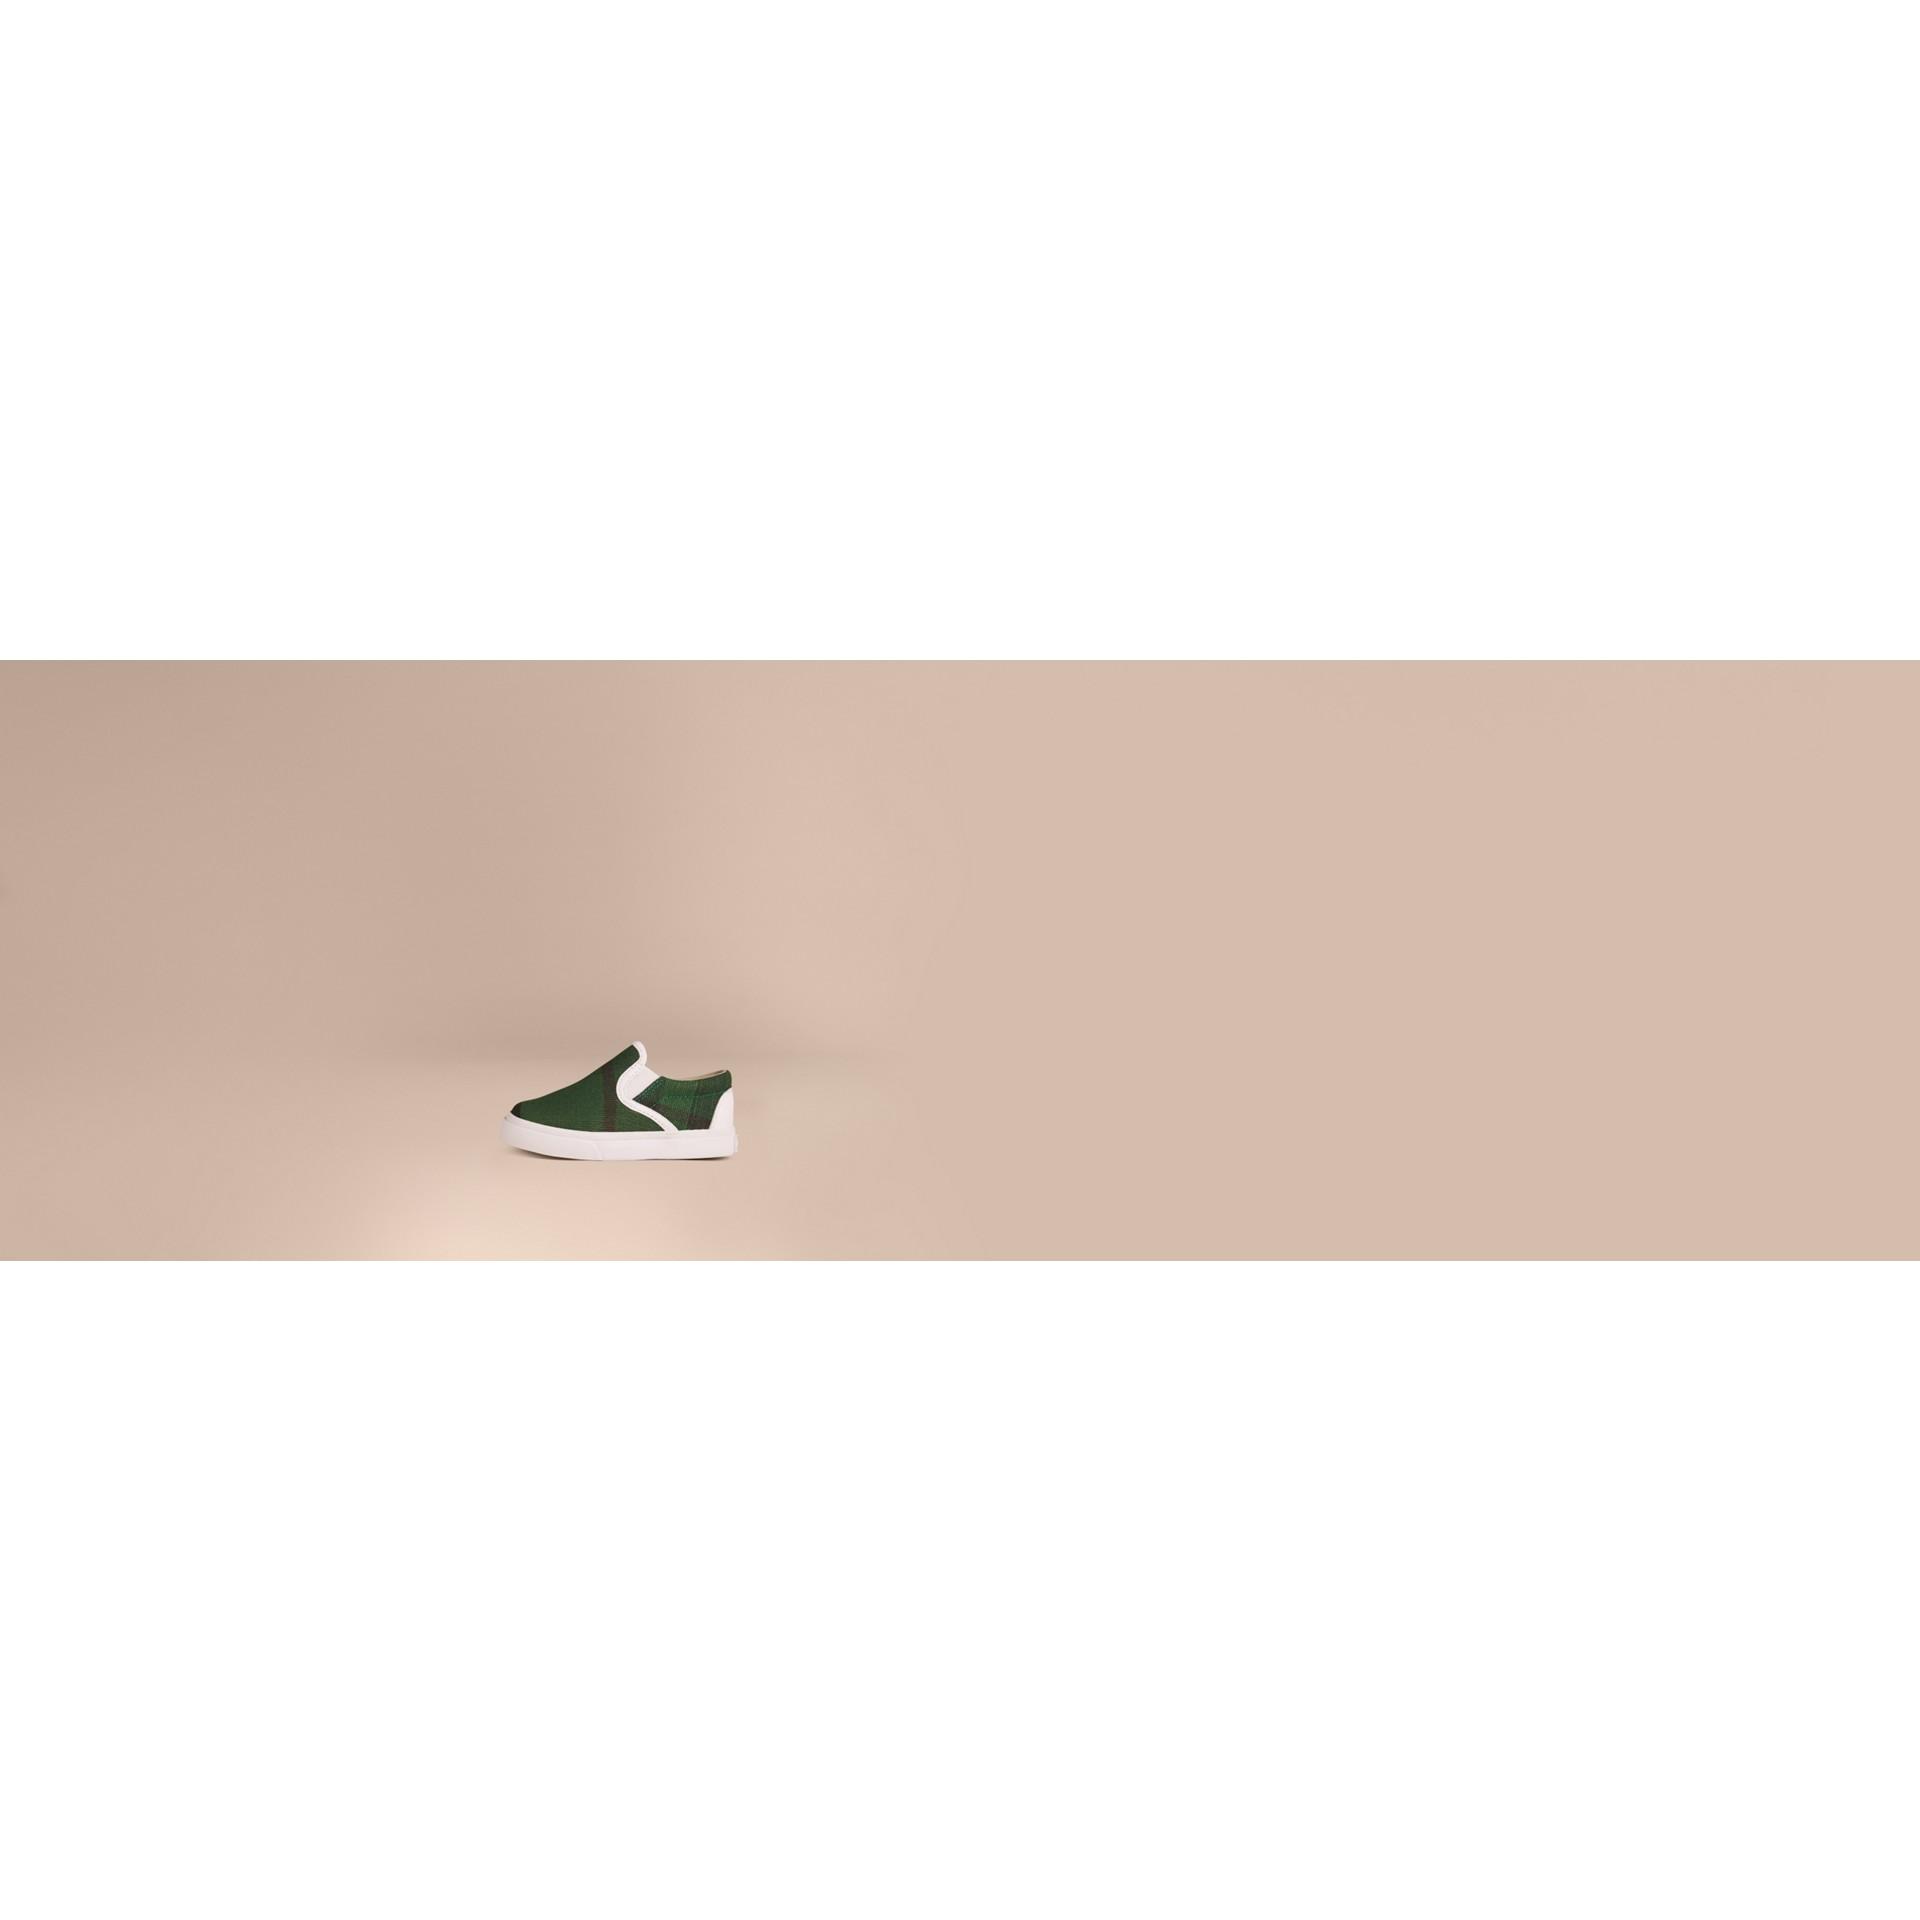 Verde jade intenso Tênis sem cadarço com padrão Canvas check - galeria de imagens 2